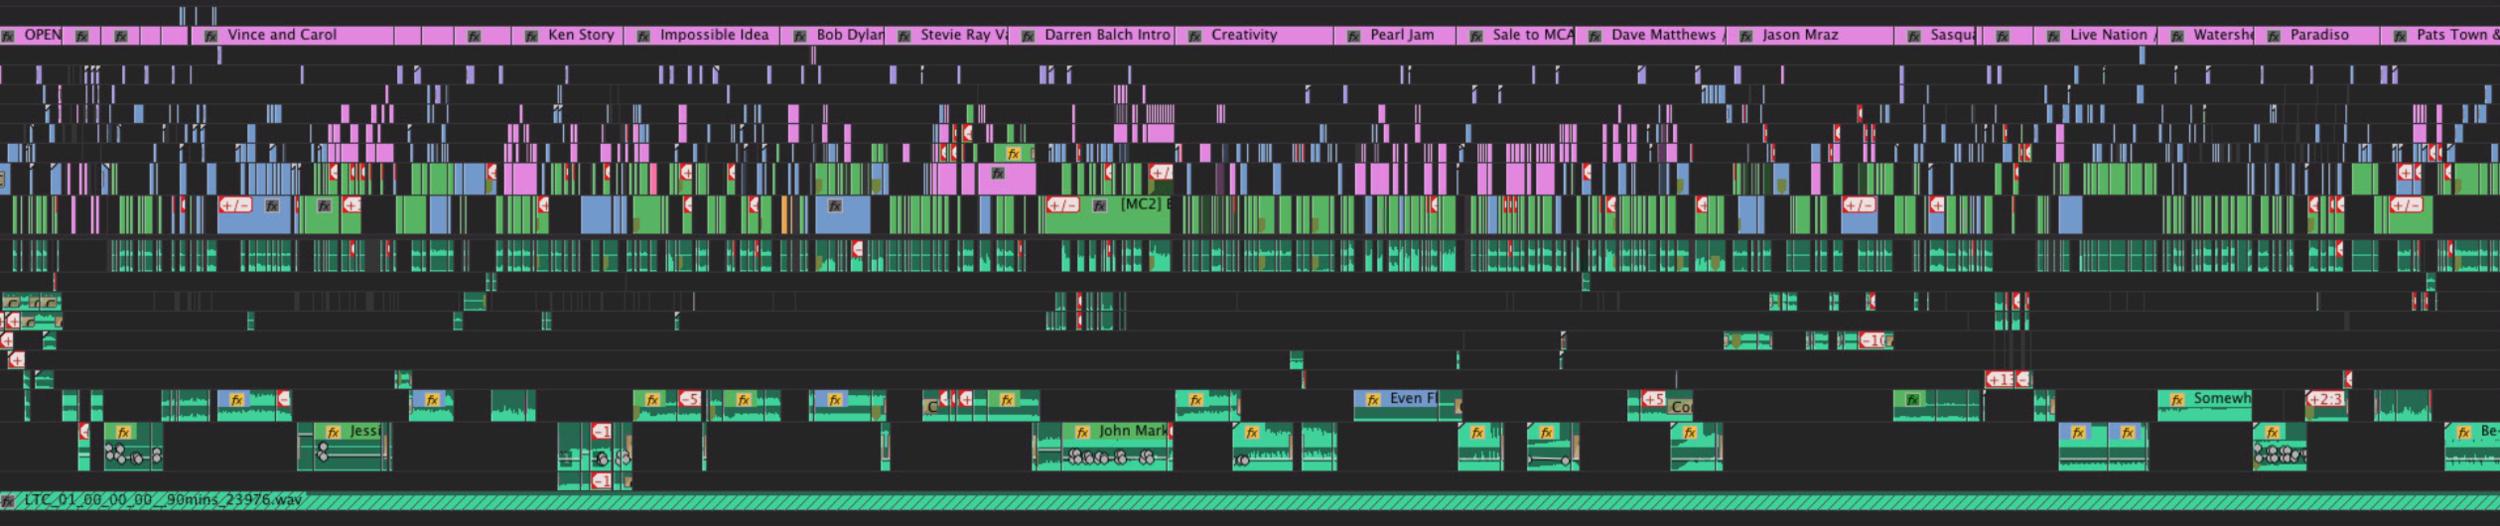 edit_timeline